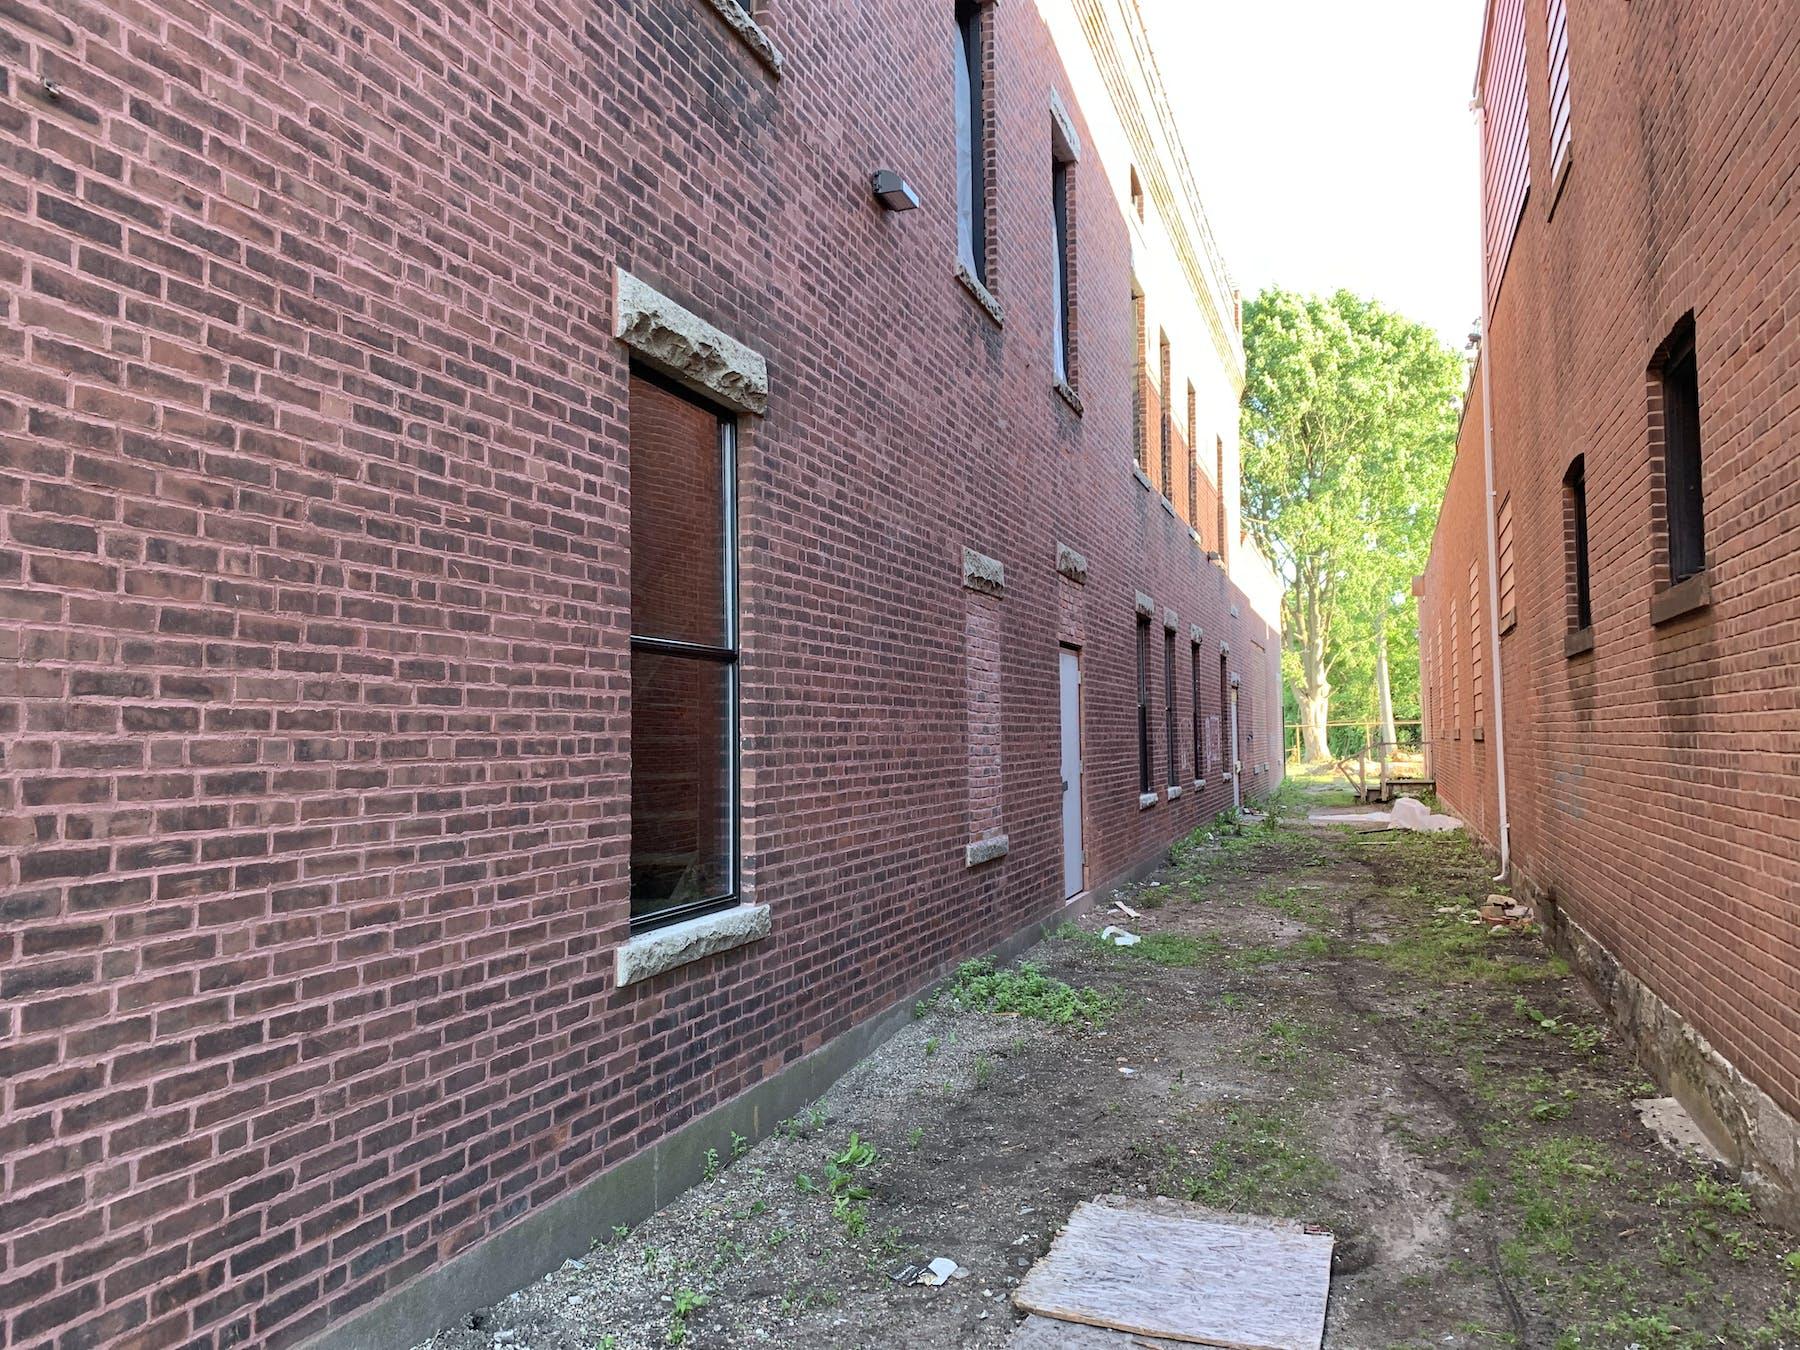 a brick building